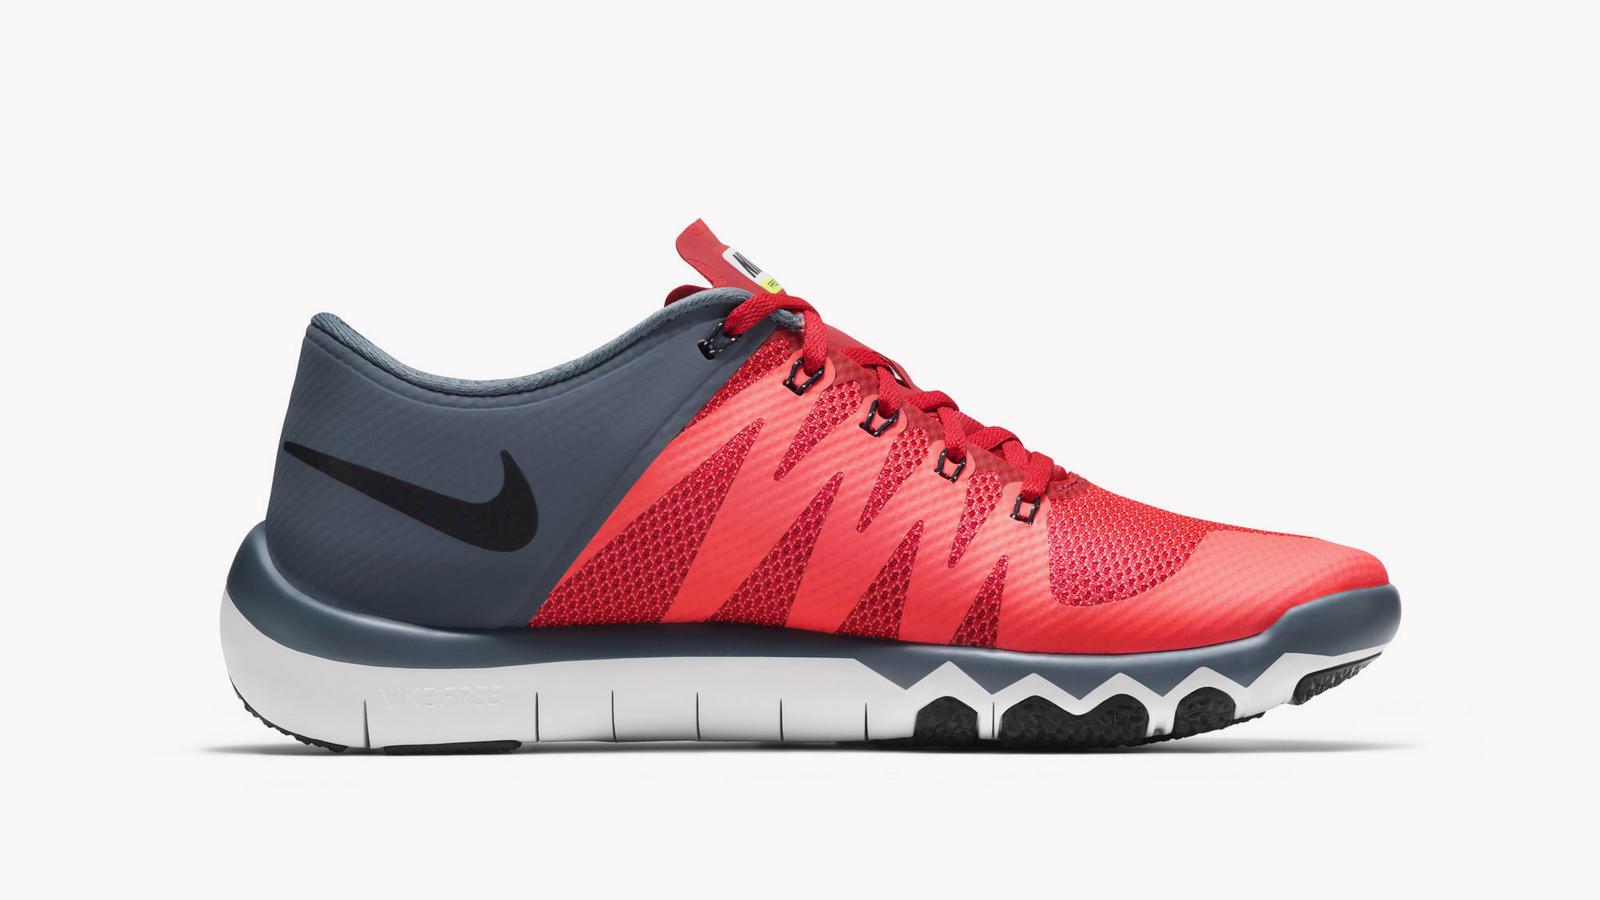 la sortie abordable vente meilleur endroit Nike Free Trainer 5.0 V6 Id Cours D'examen J843Tf